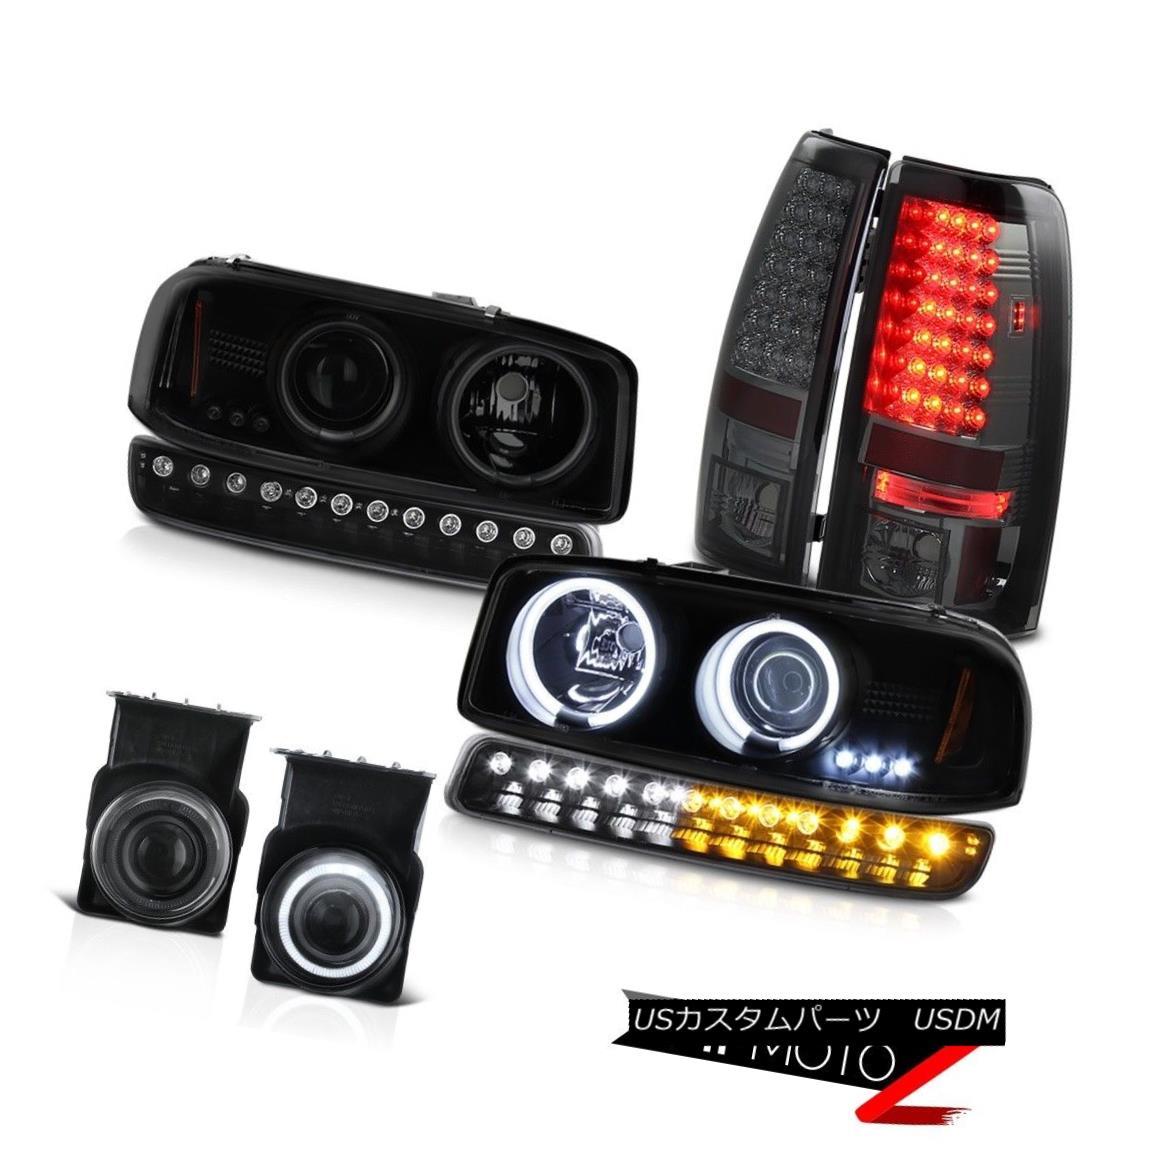 ヘッドライト 03-06 Sierra WT Foglamps taillights nighthawk black signal light ccfl headlamps 03-06シエラWTフォグランプテールライト夜間信号黒信号ccflヘッドライト